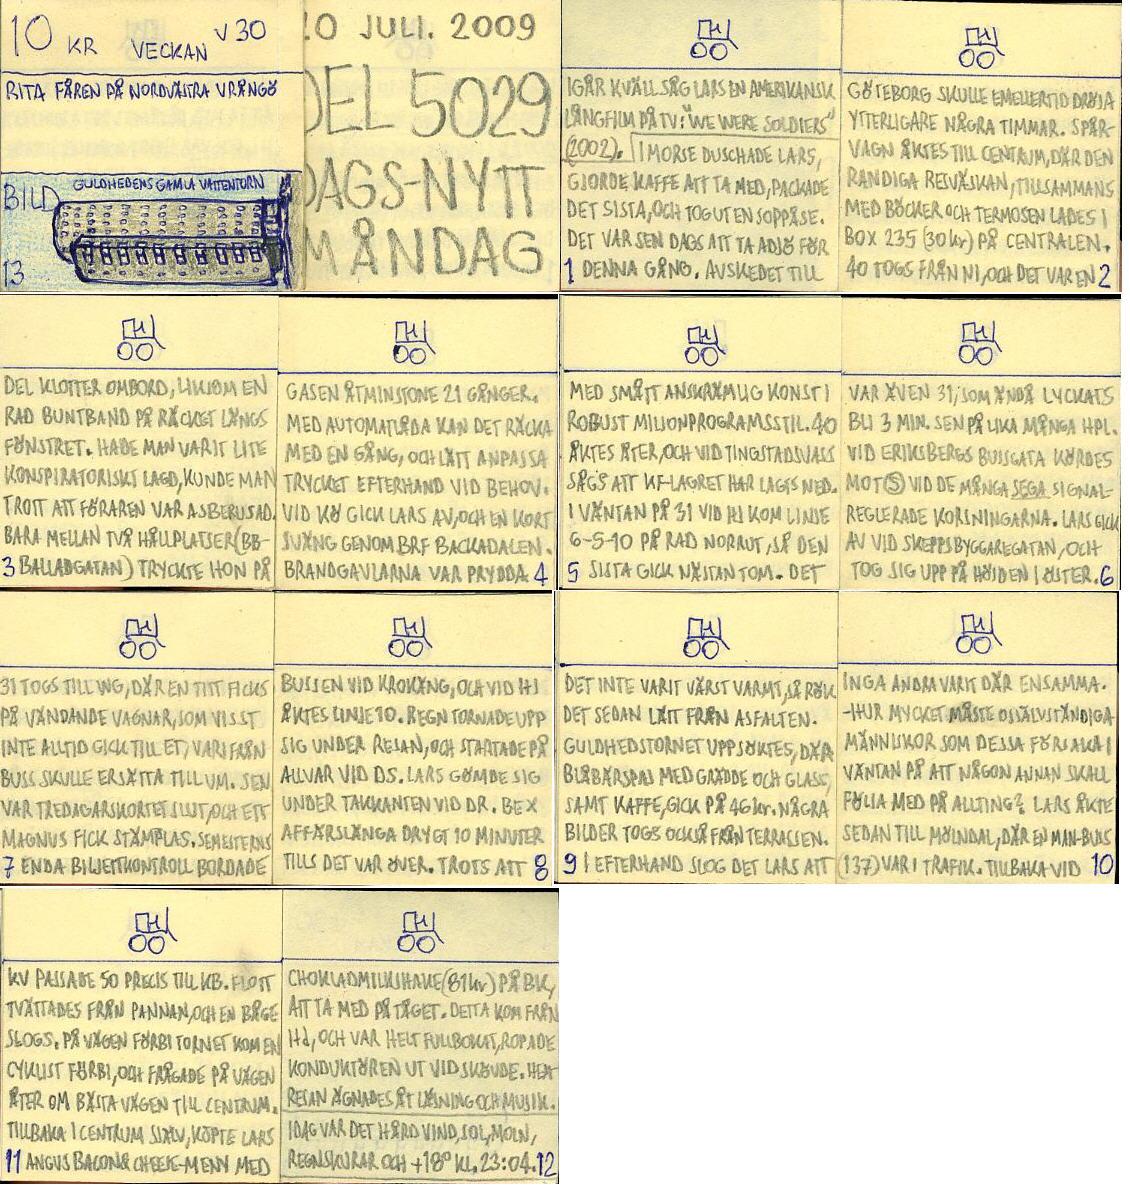 Dags-Nytt 20 juli 2009